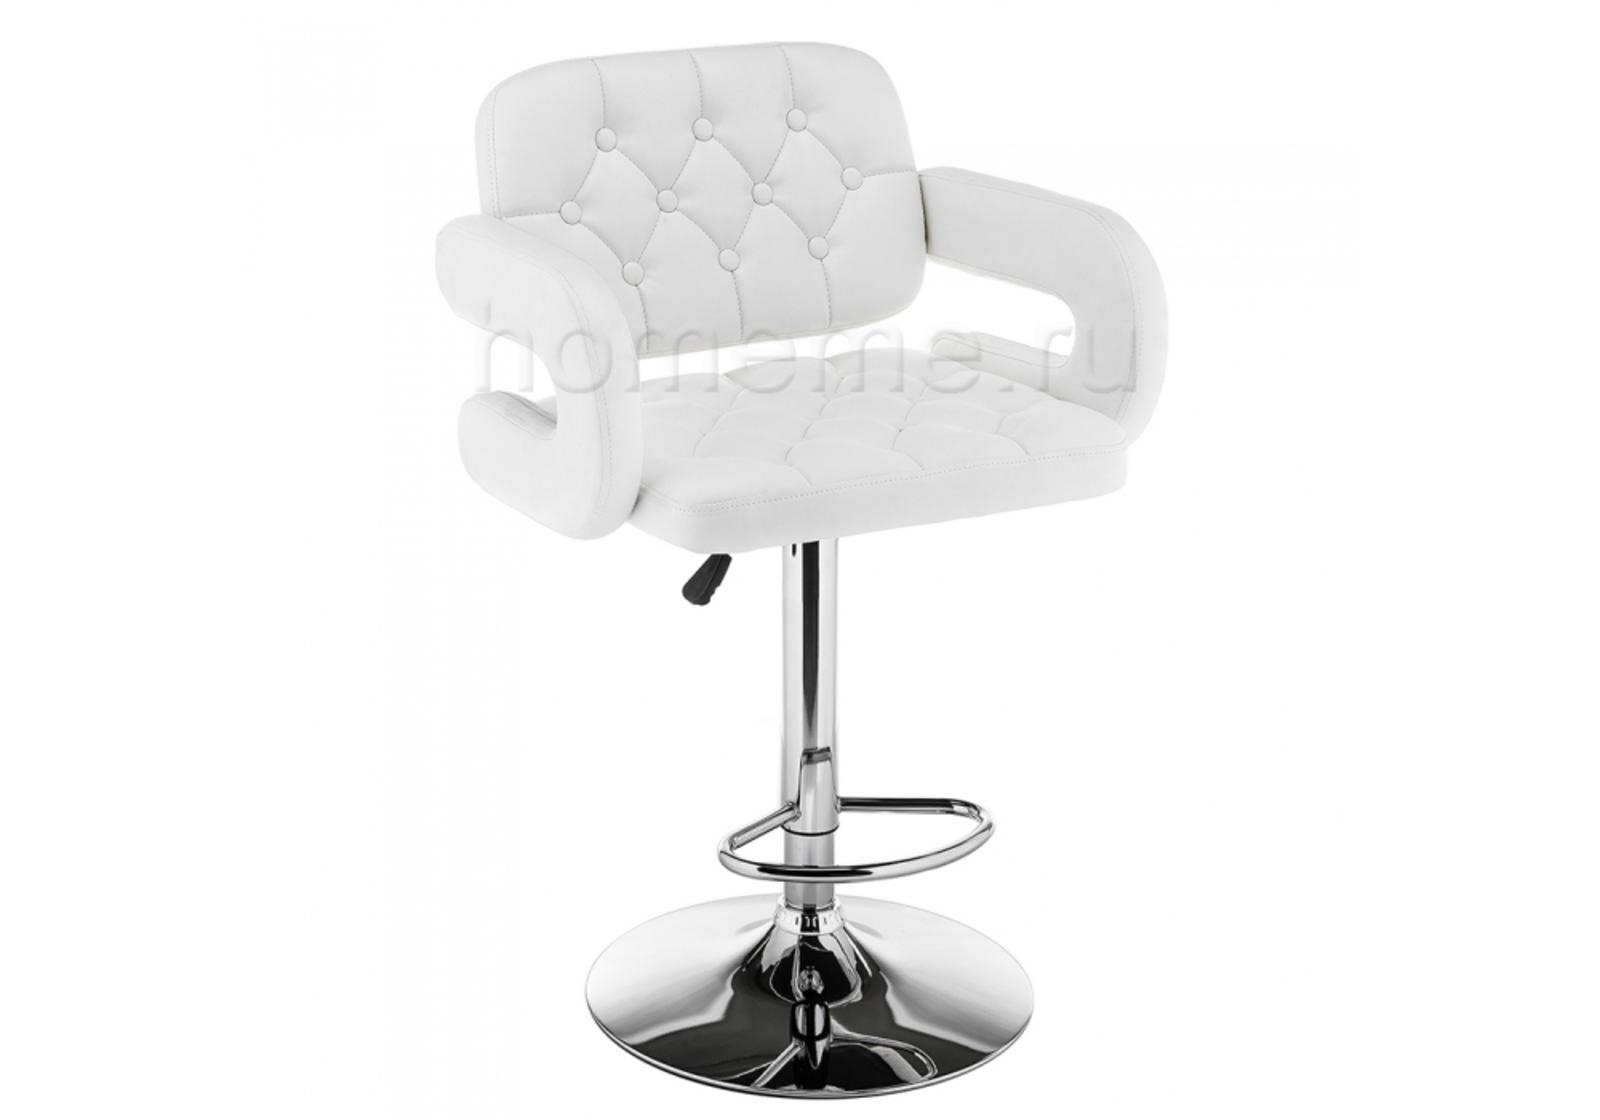 Барный стул Shiny белый 11255 Shiny белый 11255 (15300)